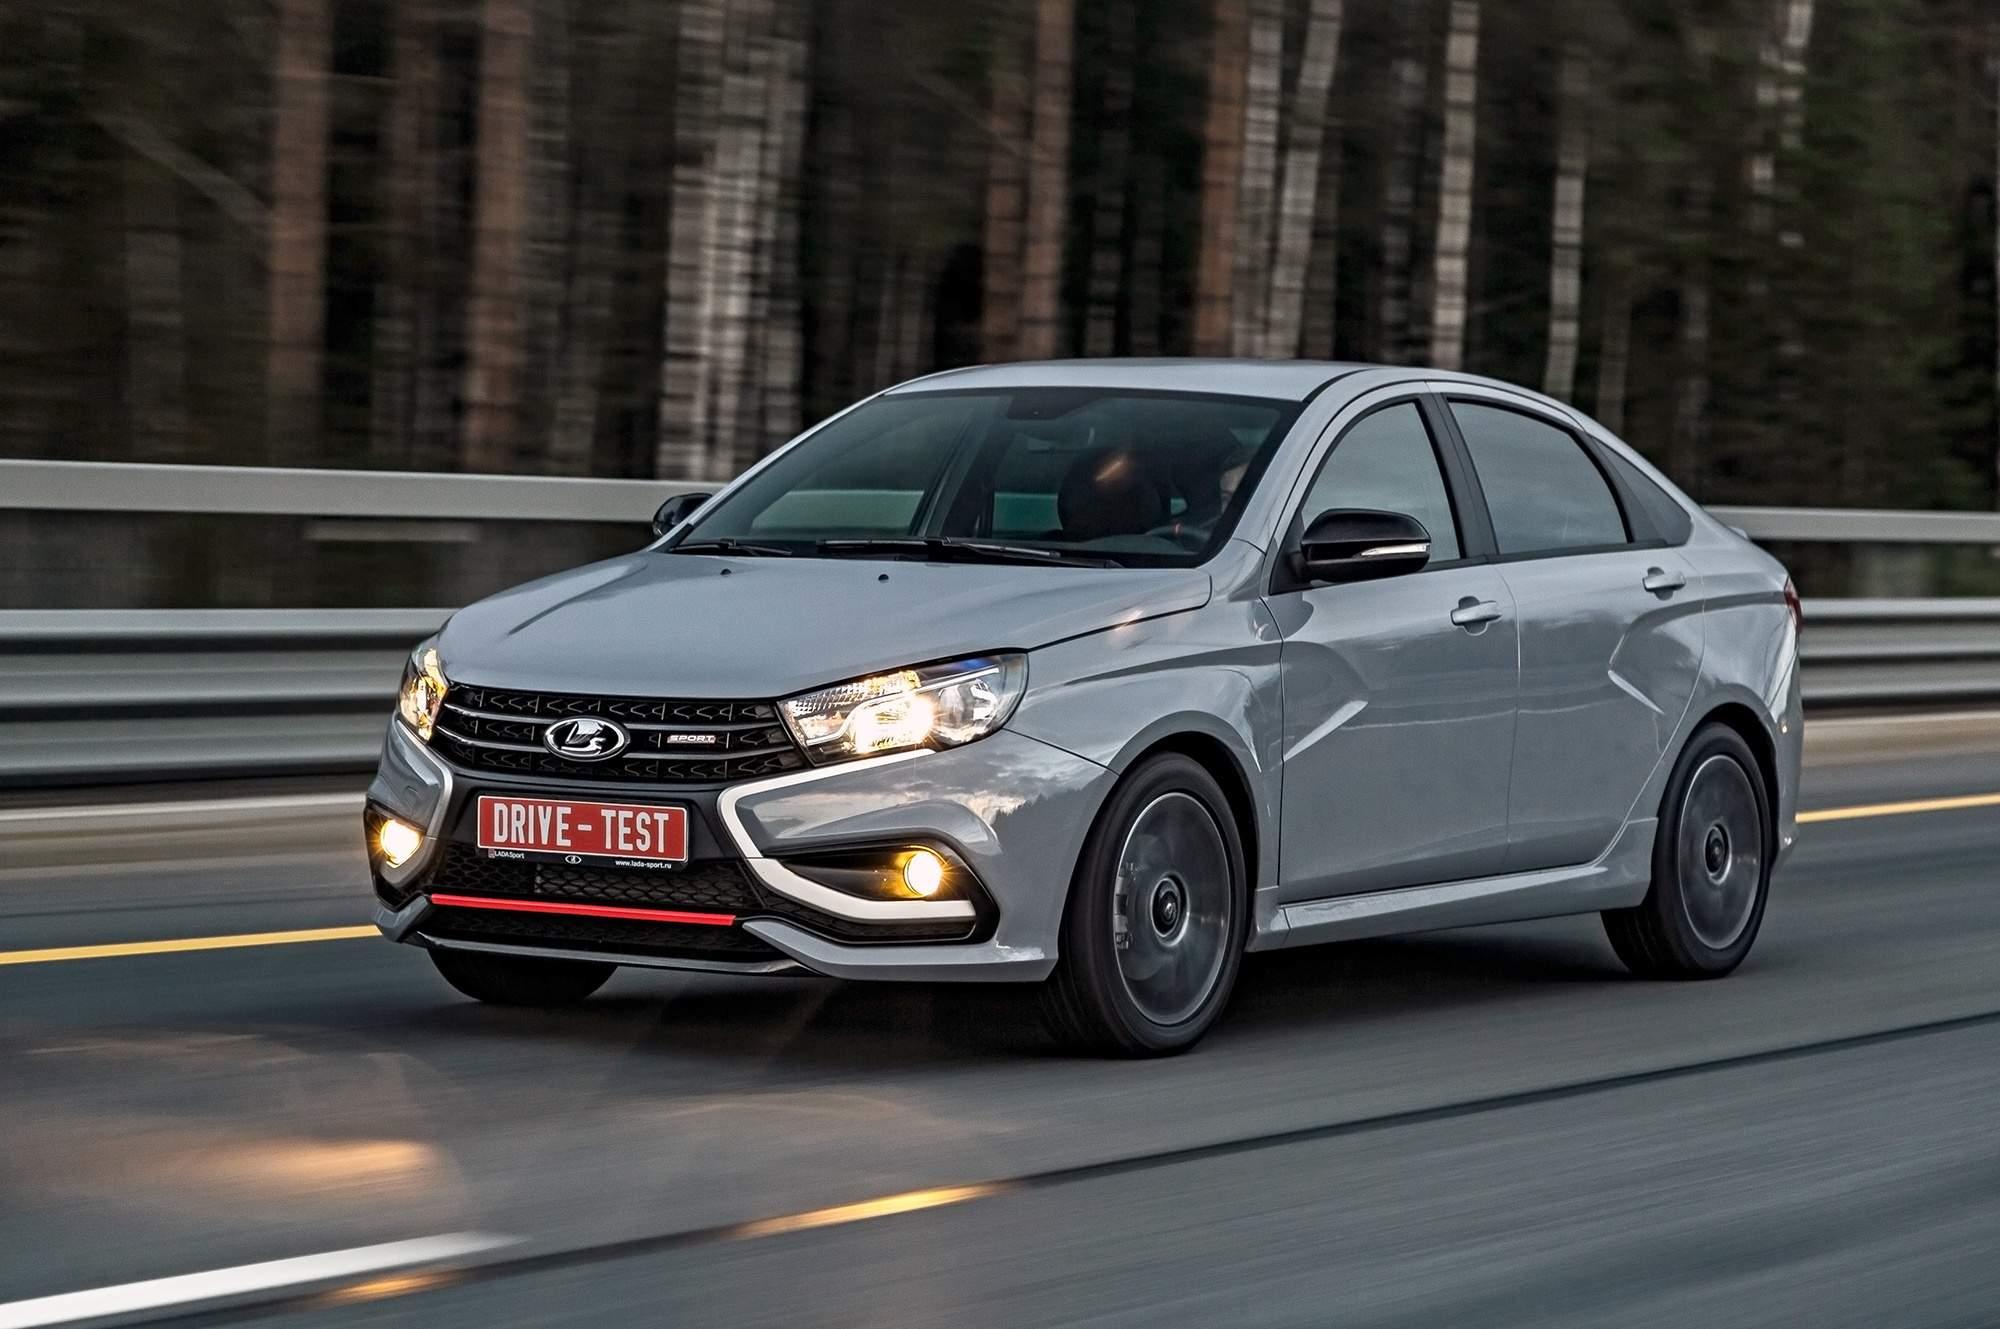 АвтоВАЗ назвал стоимость седана Lada Vesta Sport в 2019 году